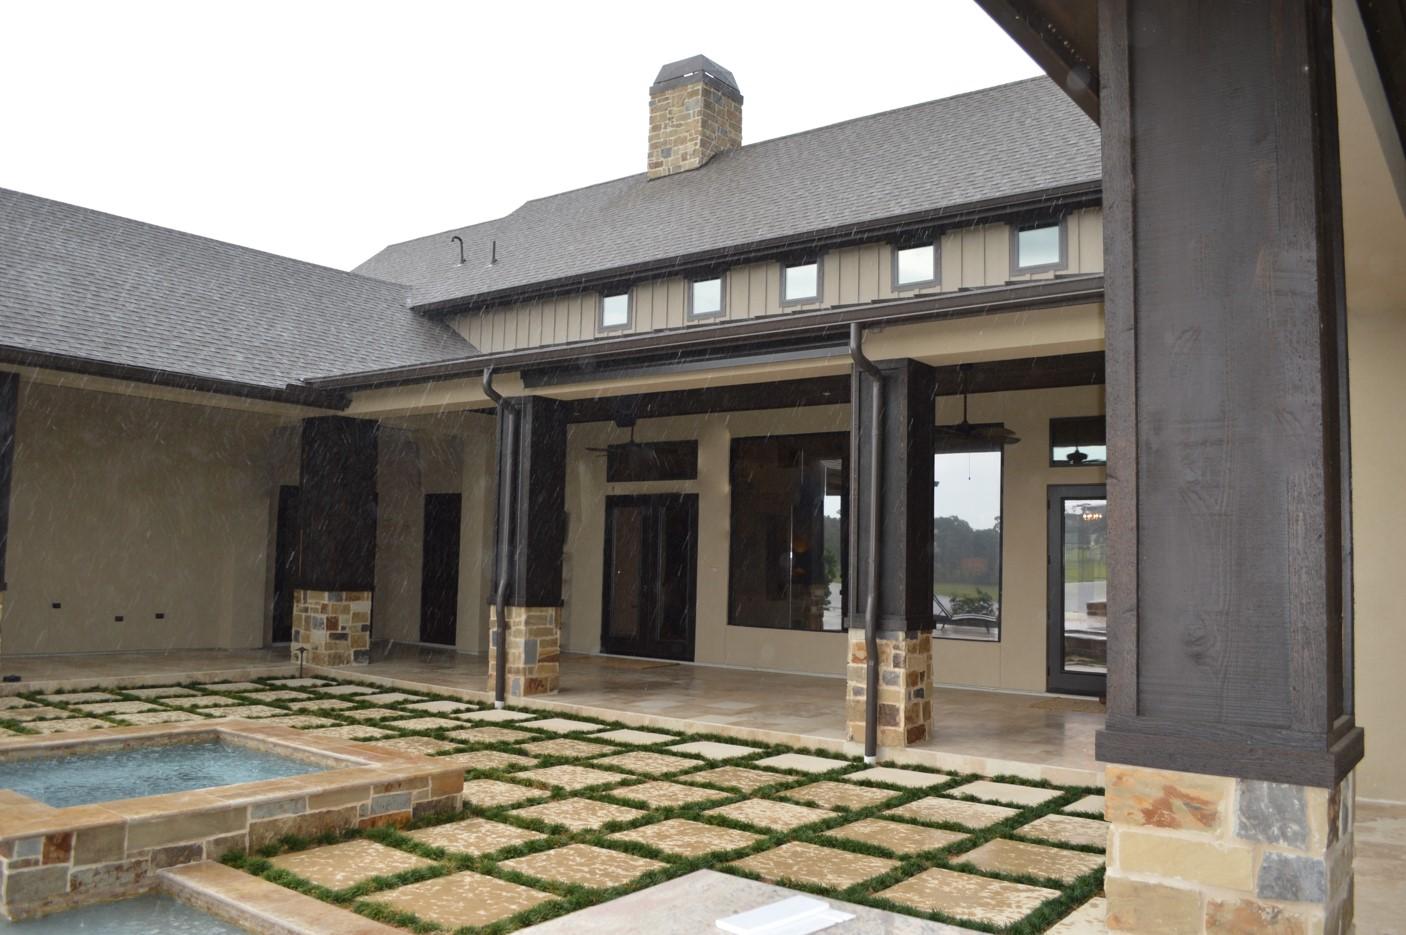 Reinhardt Homes